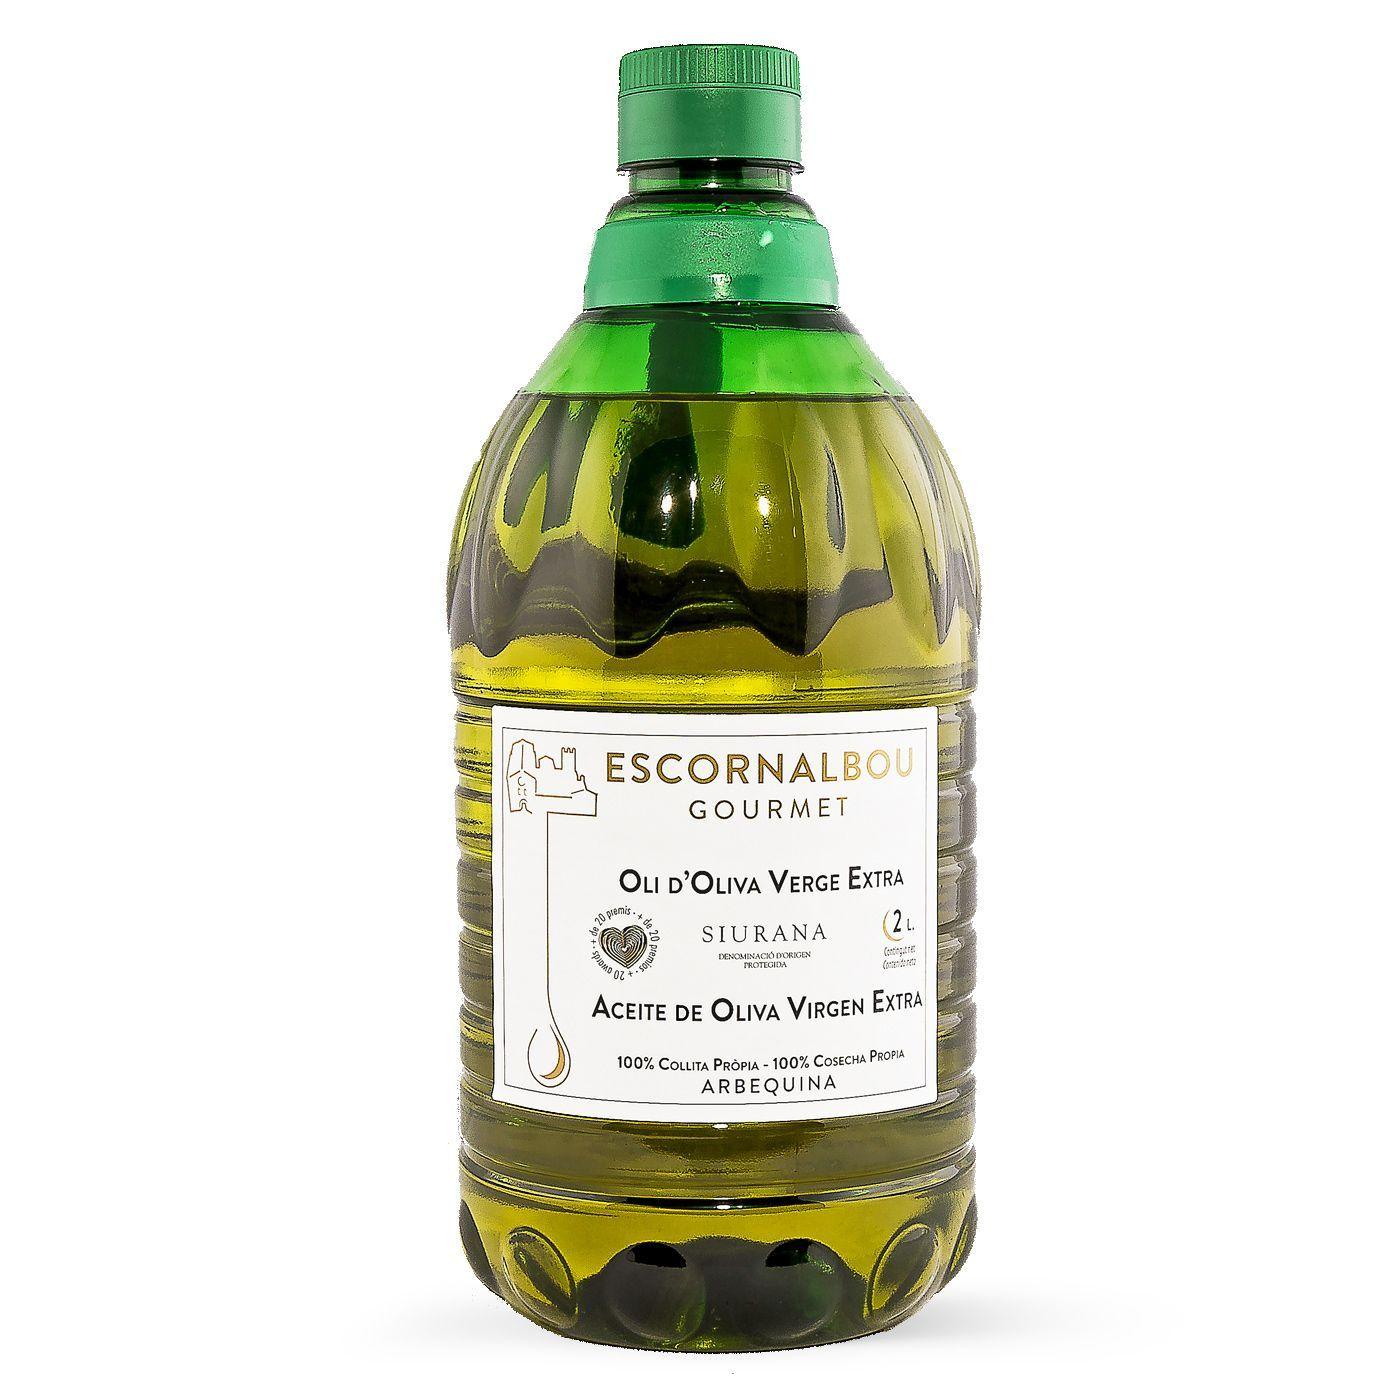 Comprar 2L Aceite De Oliva Virgen Extra 100% Arbequina - Garrafa PET | Escornalbou Gourmet - AOVE de auténtica calidad Gourmet con propiedades cardiosaludables. Producto certificado.